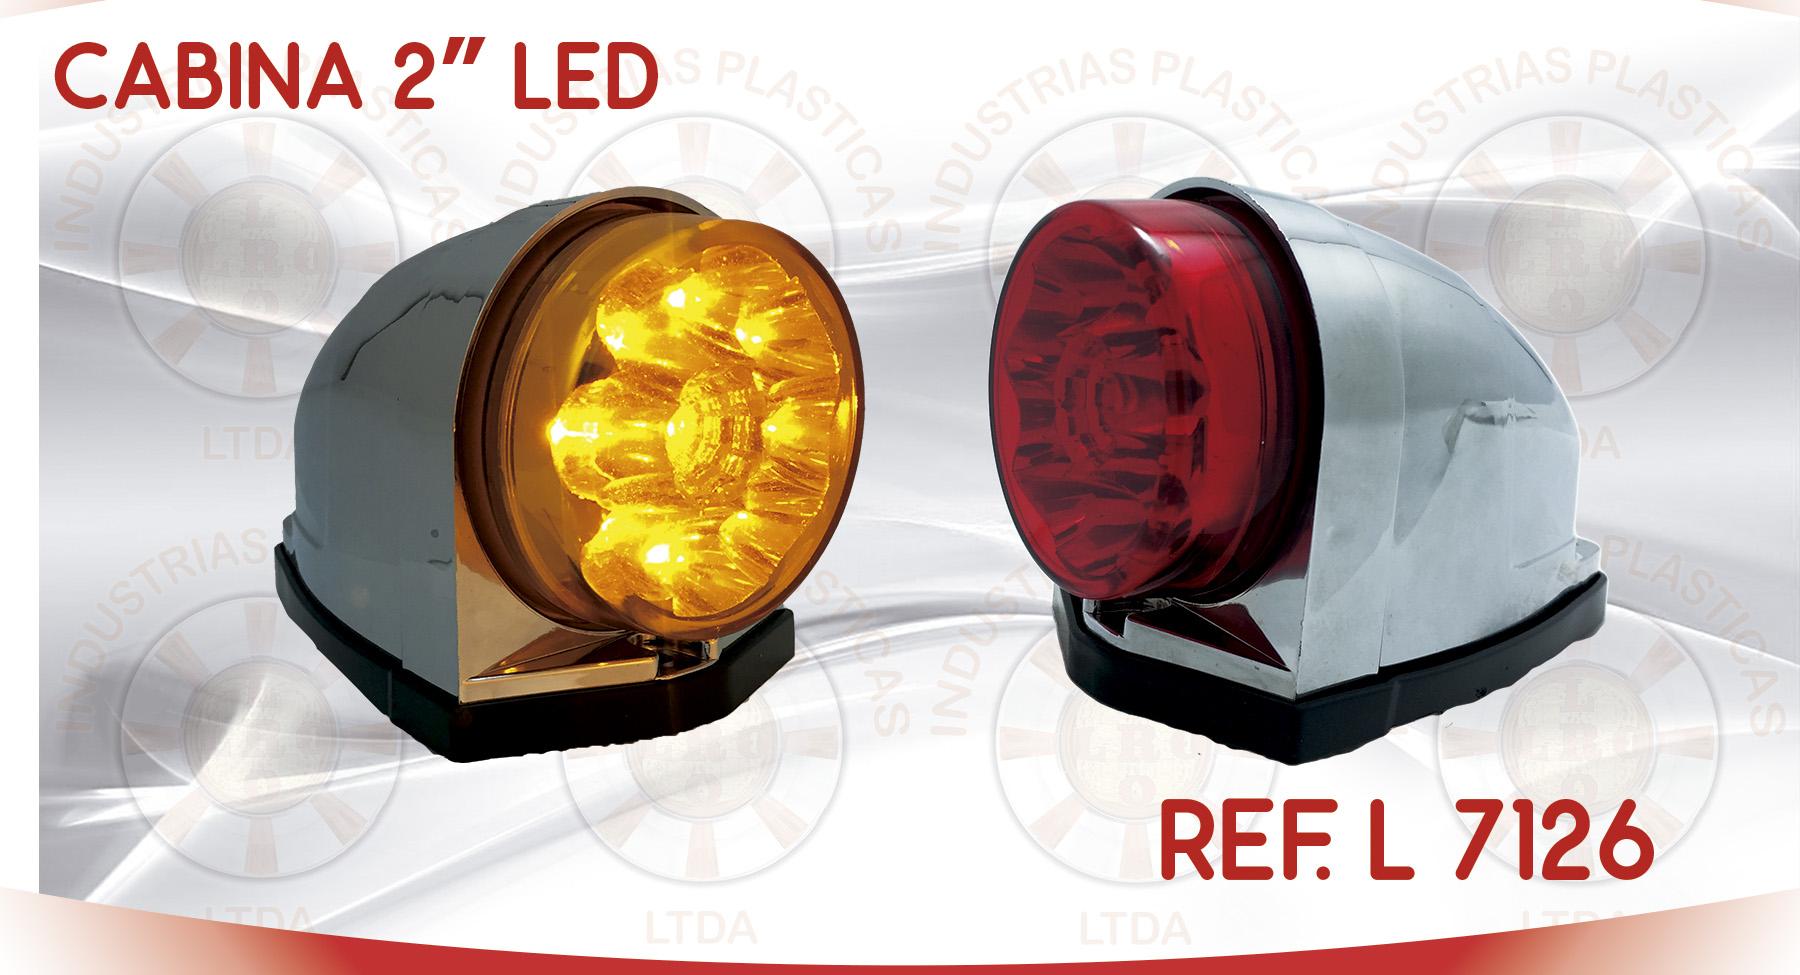 L 7126 CABINA 2 PULGADAS LED